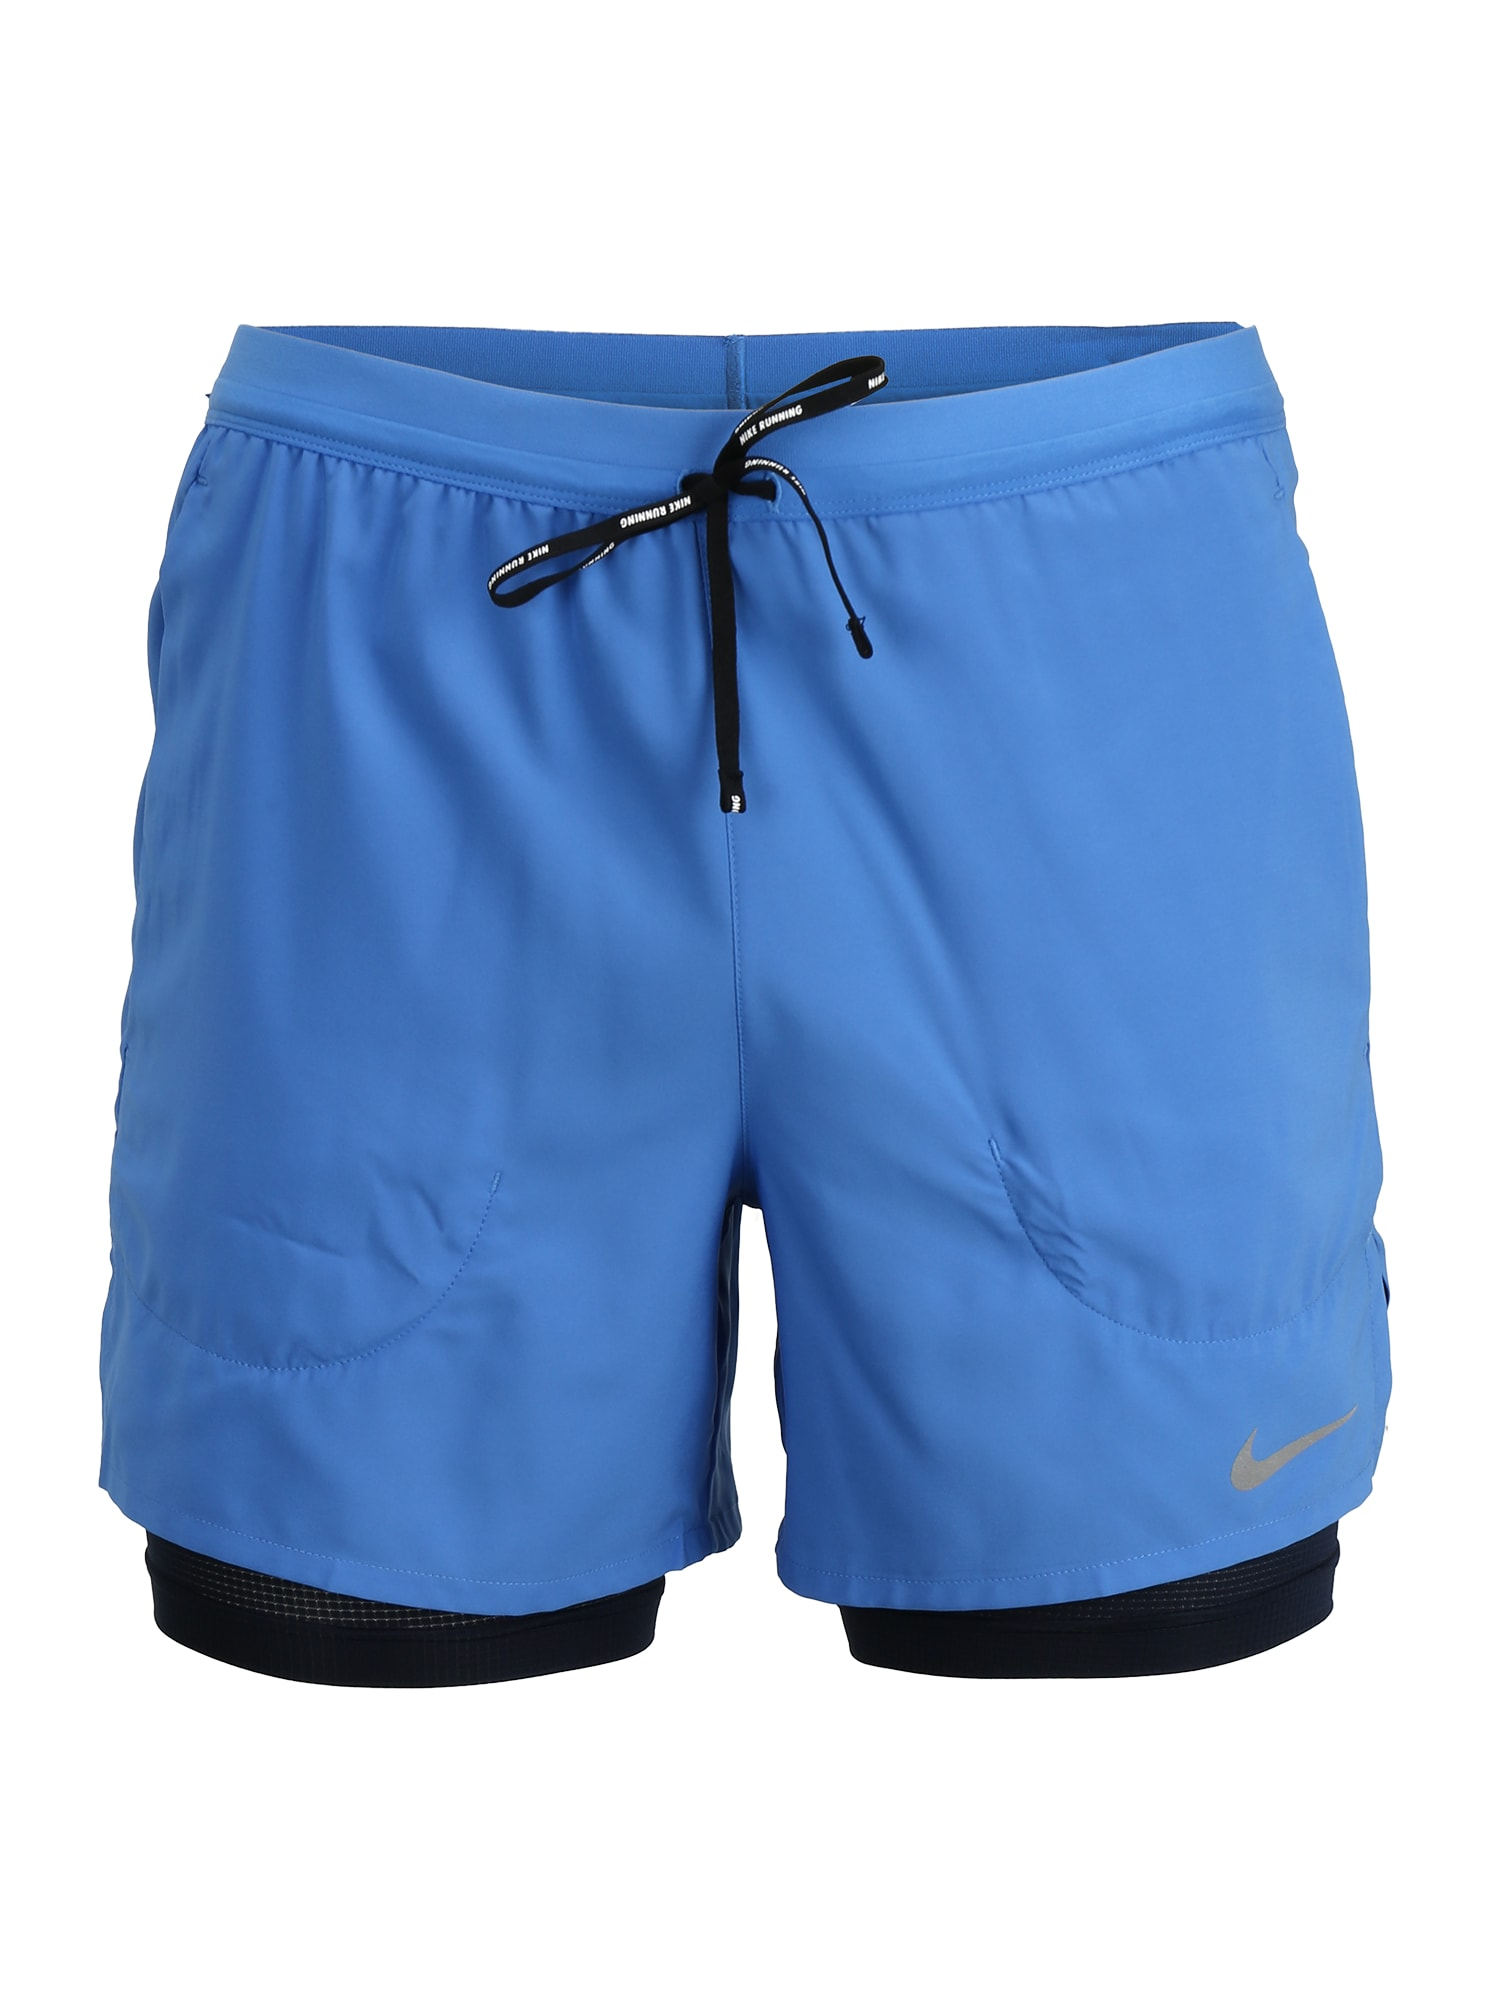 NIKE Sportinės kelnės juoda / mėlyna